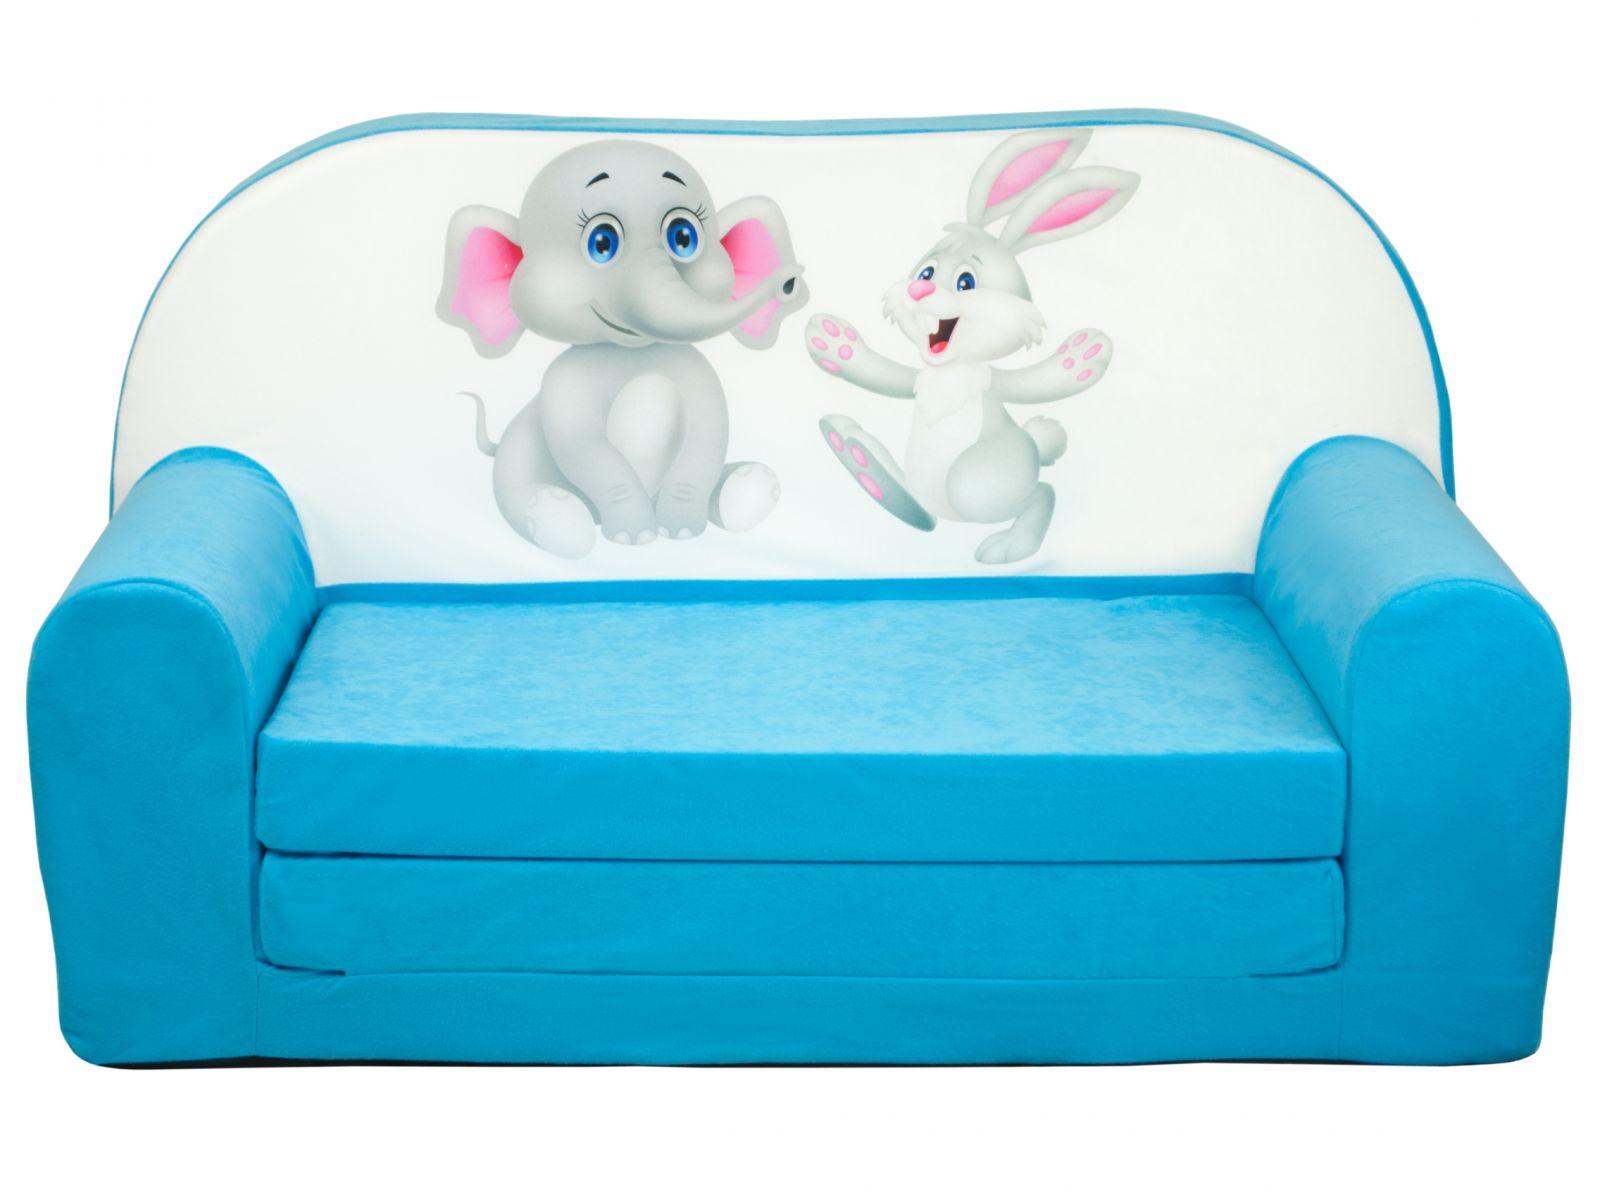 Fimex Dětská rozkládací mini pohovka Kamarádi světle modrá